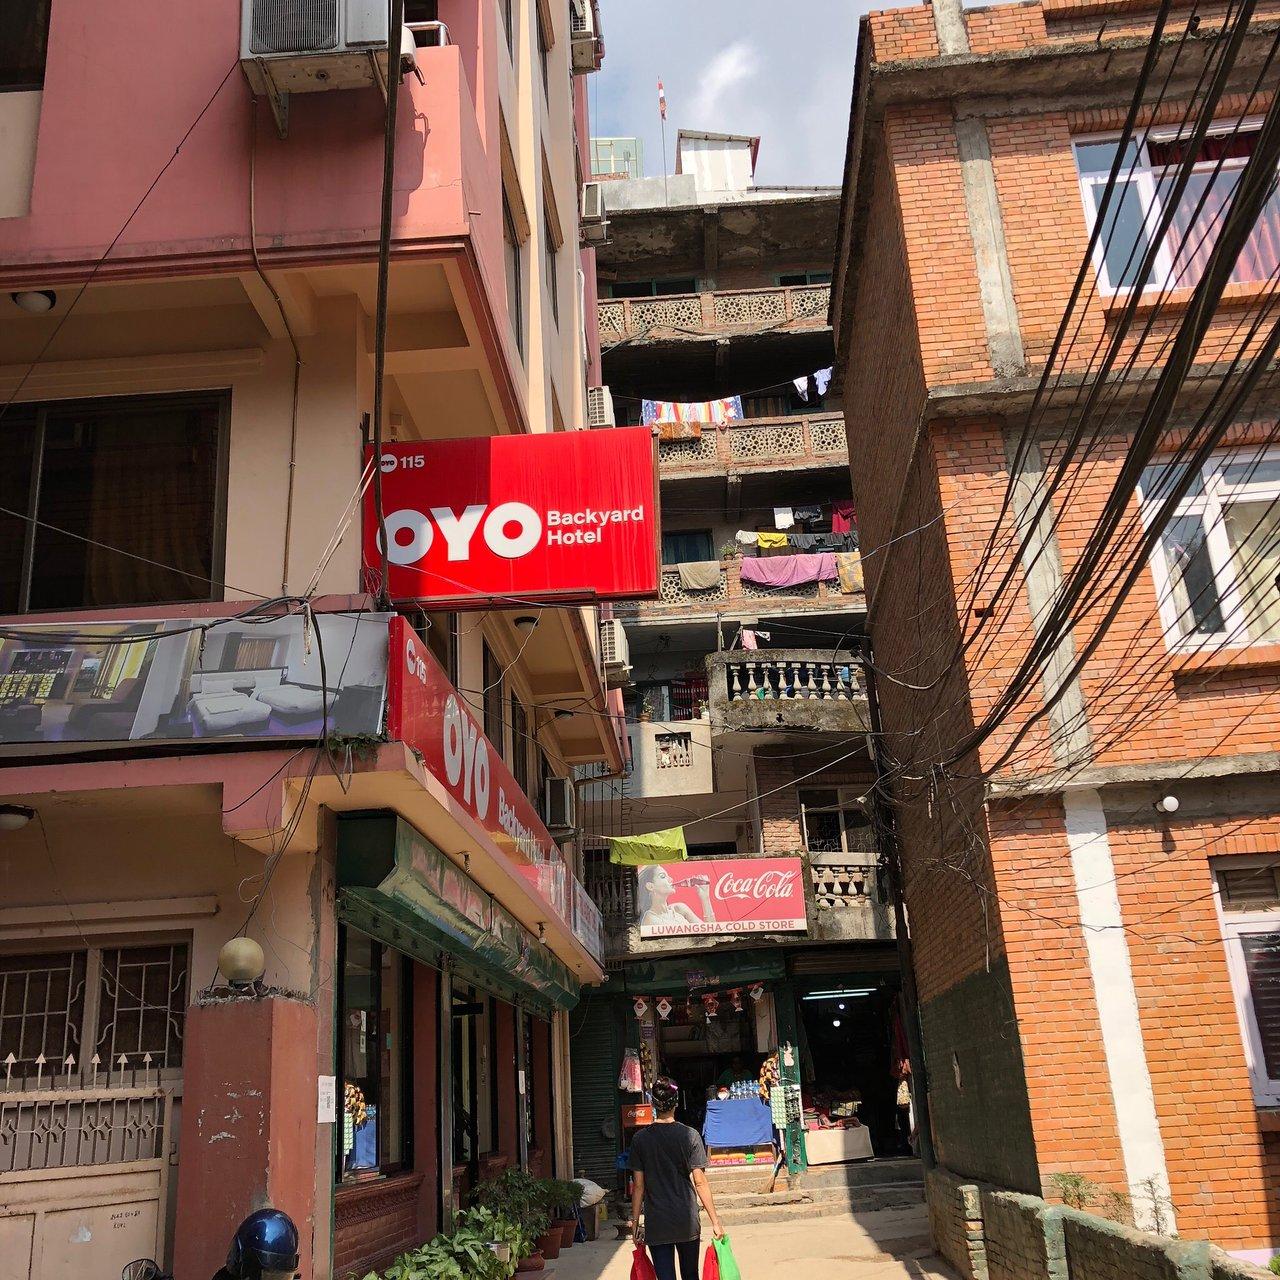 backyard hotel prices reviews kathmandu nepal tripadvisor rh tripadvisor com